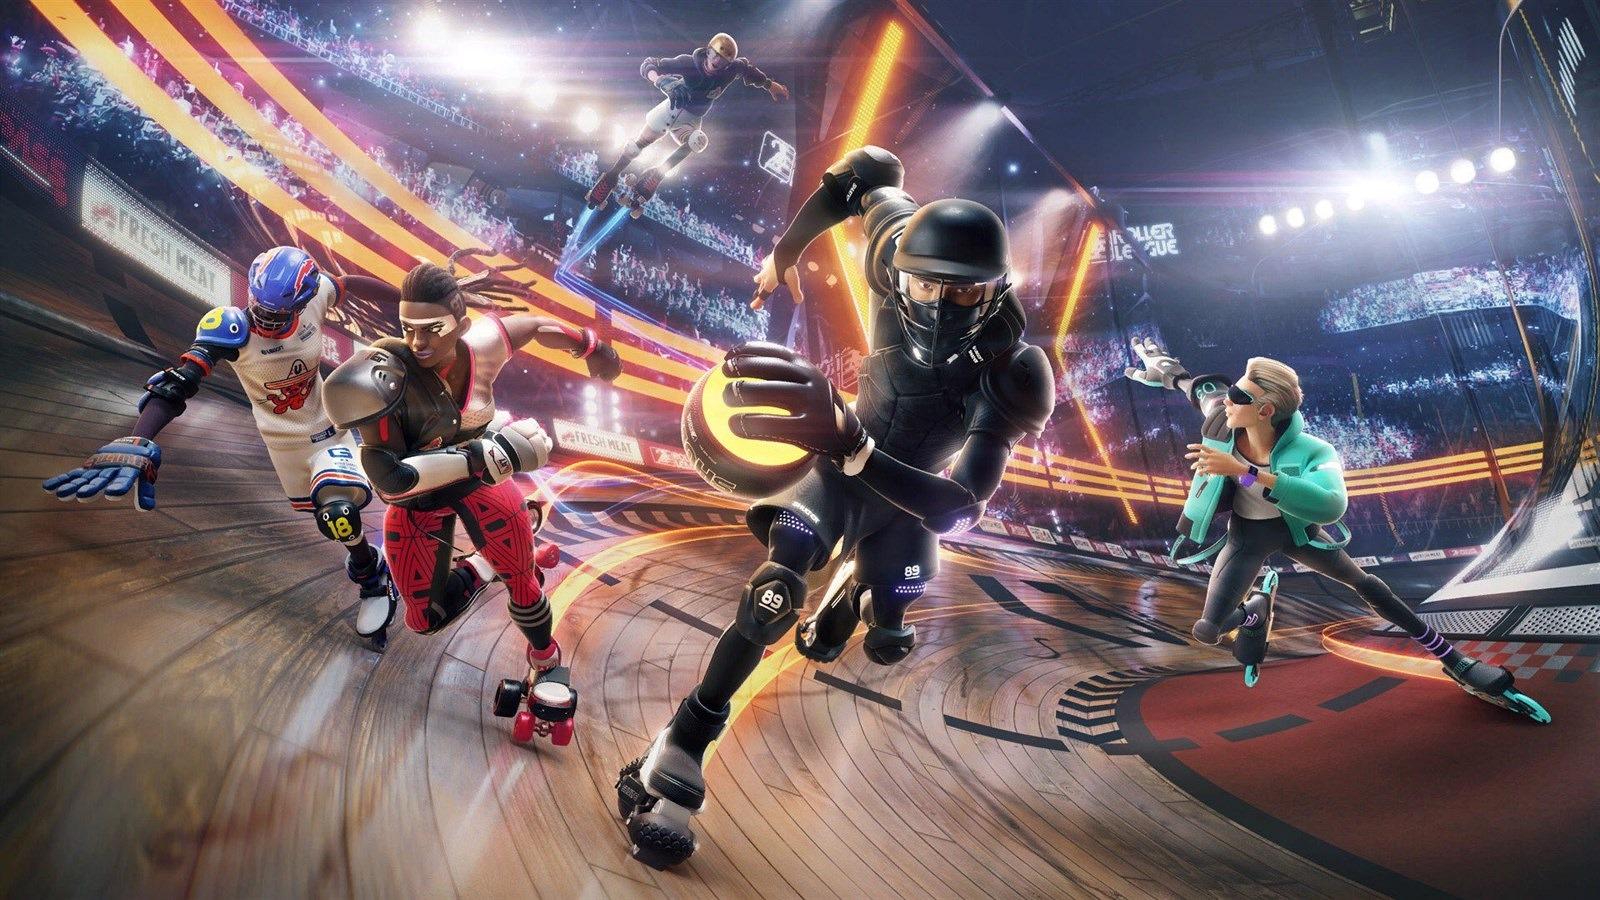 Ubisoftu uniklo oznámení hry Roller Champions